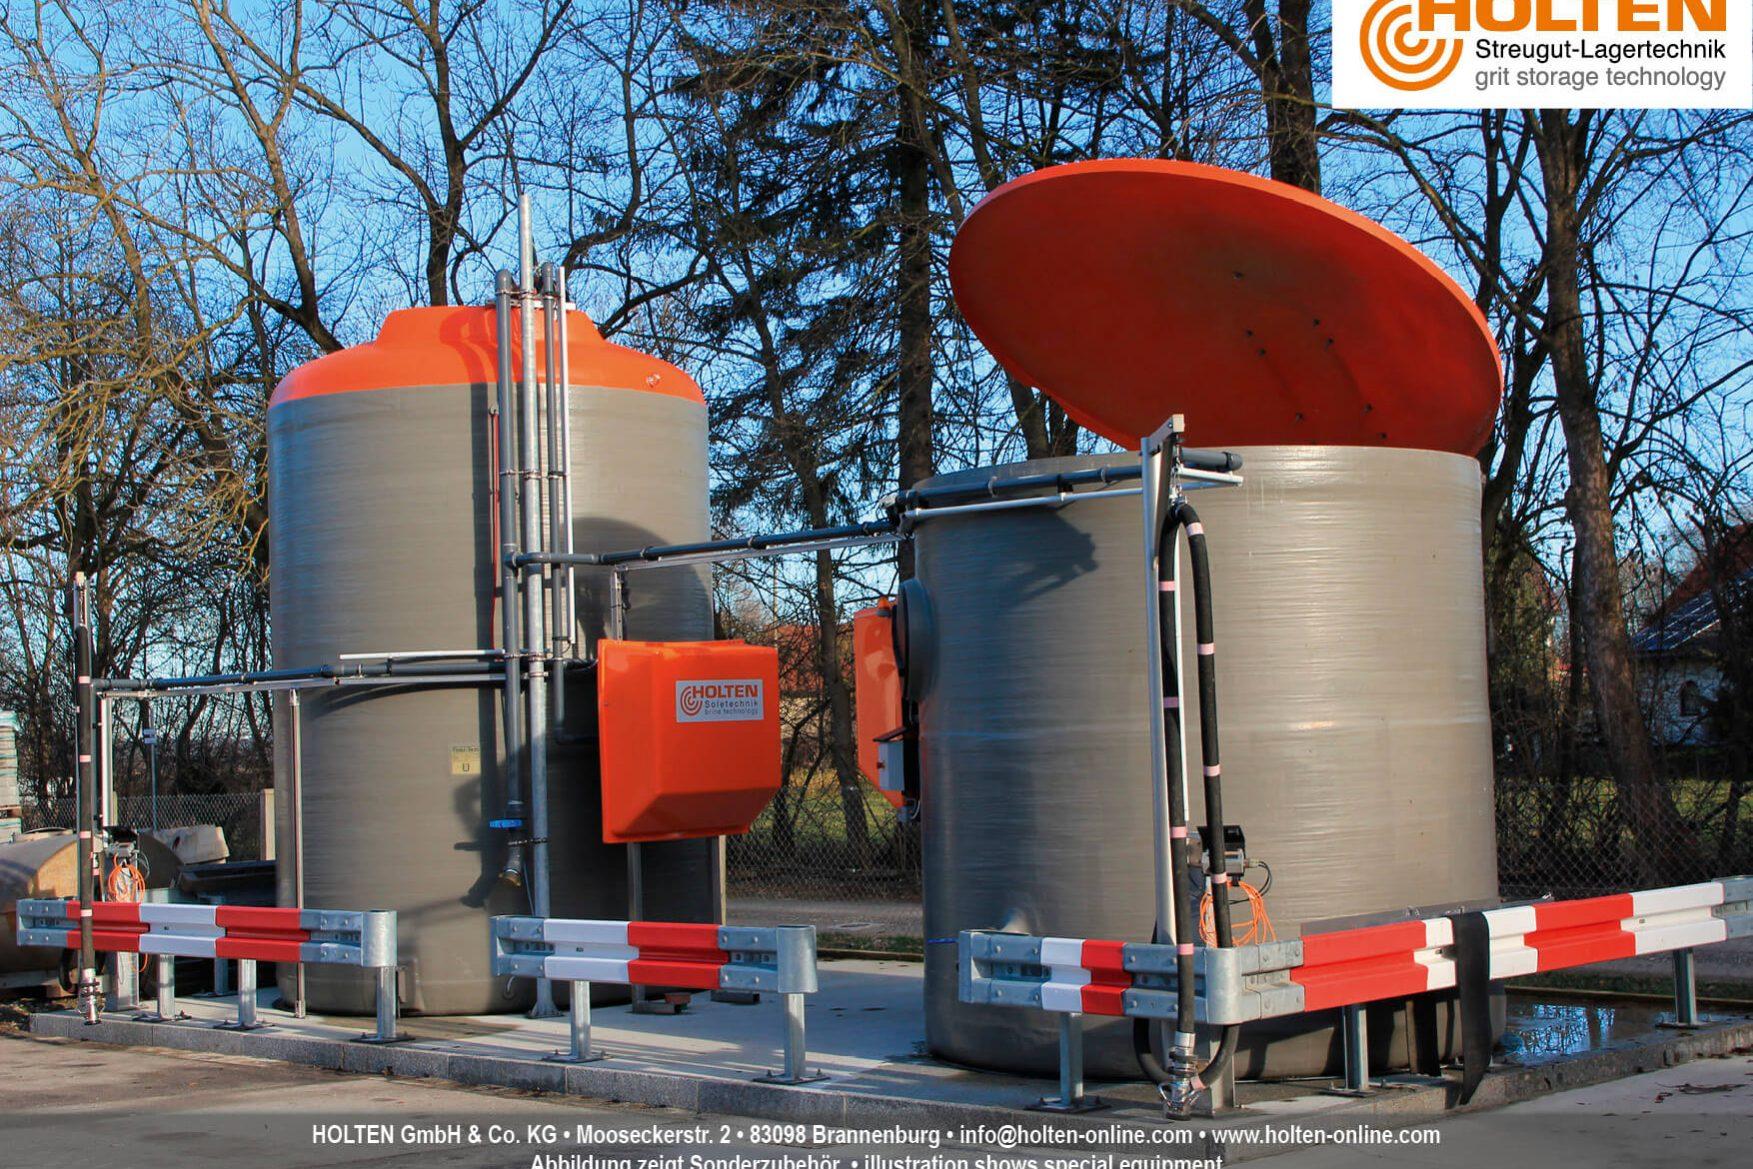 Zwei miteinander verbundene Soleerzeuger B3 auf einem Firmengelände